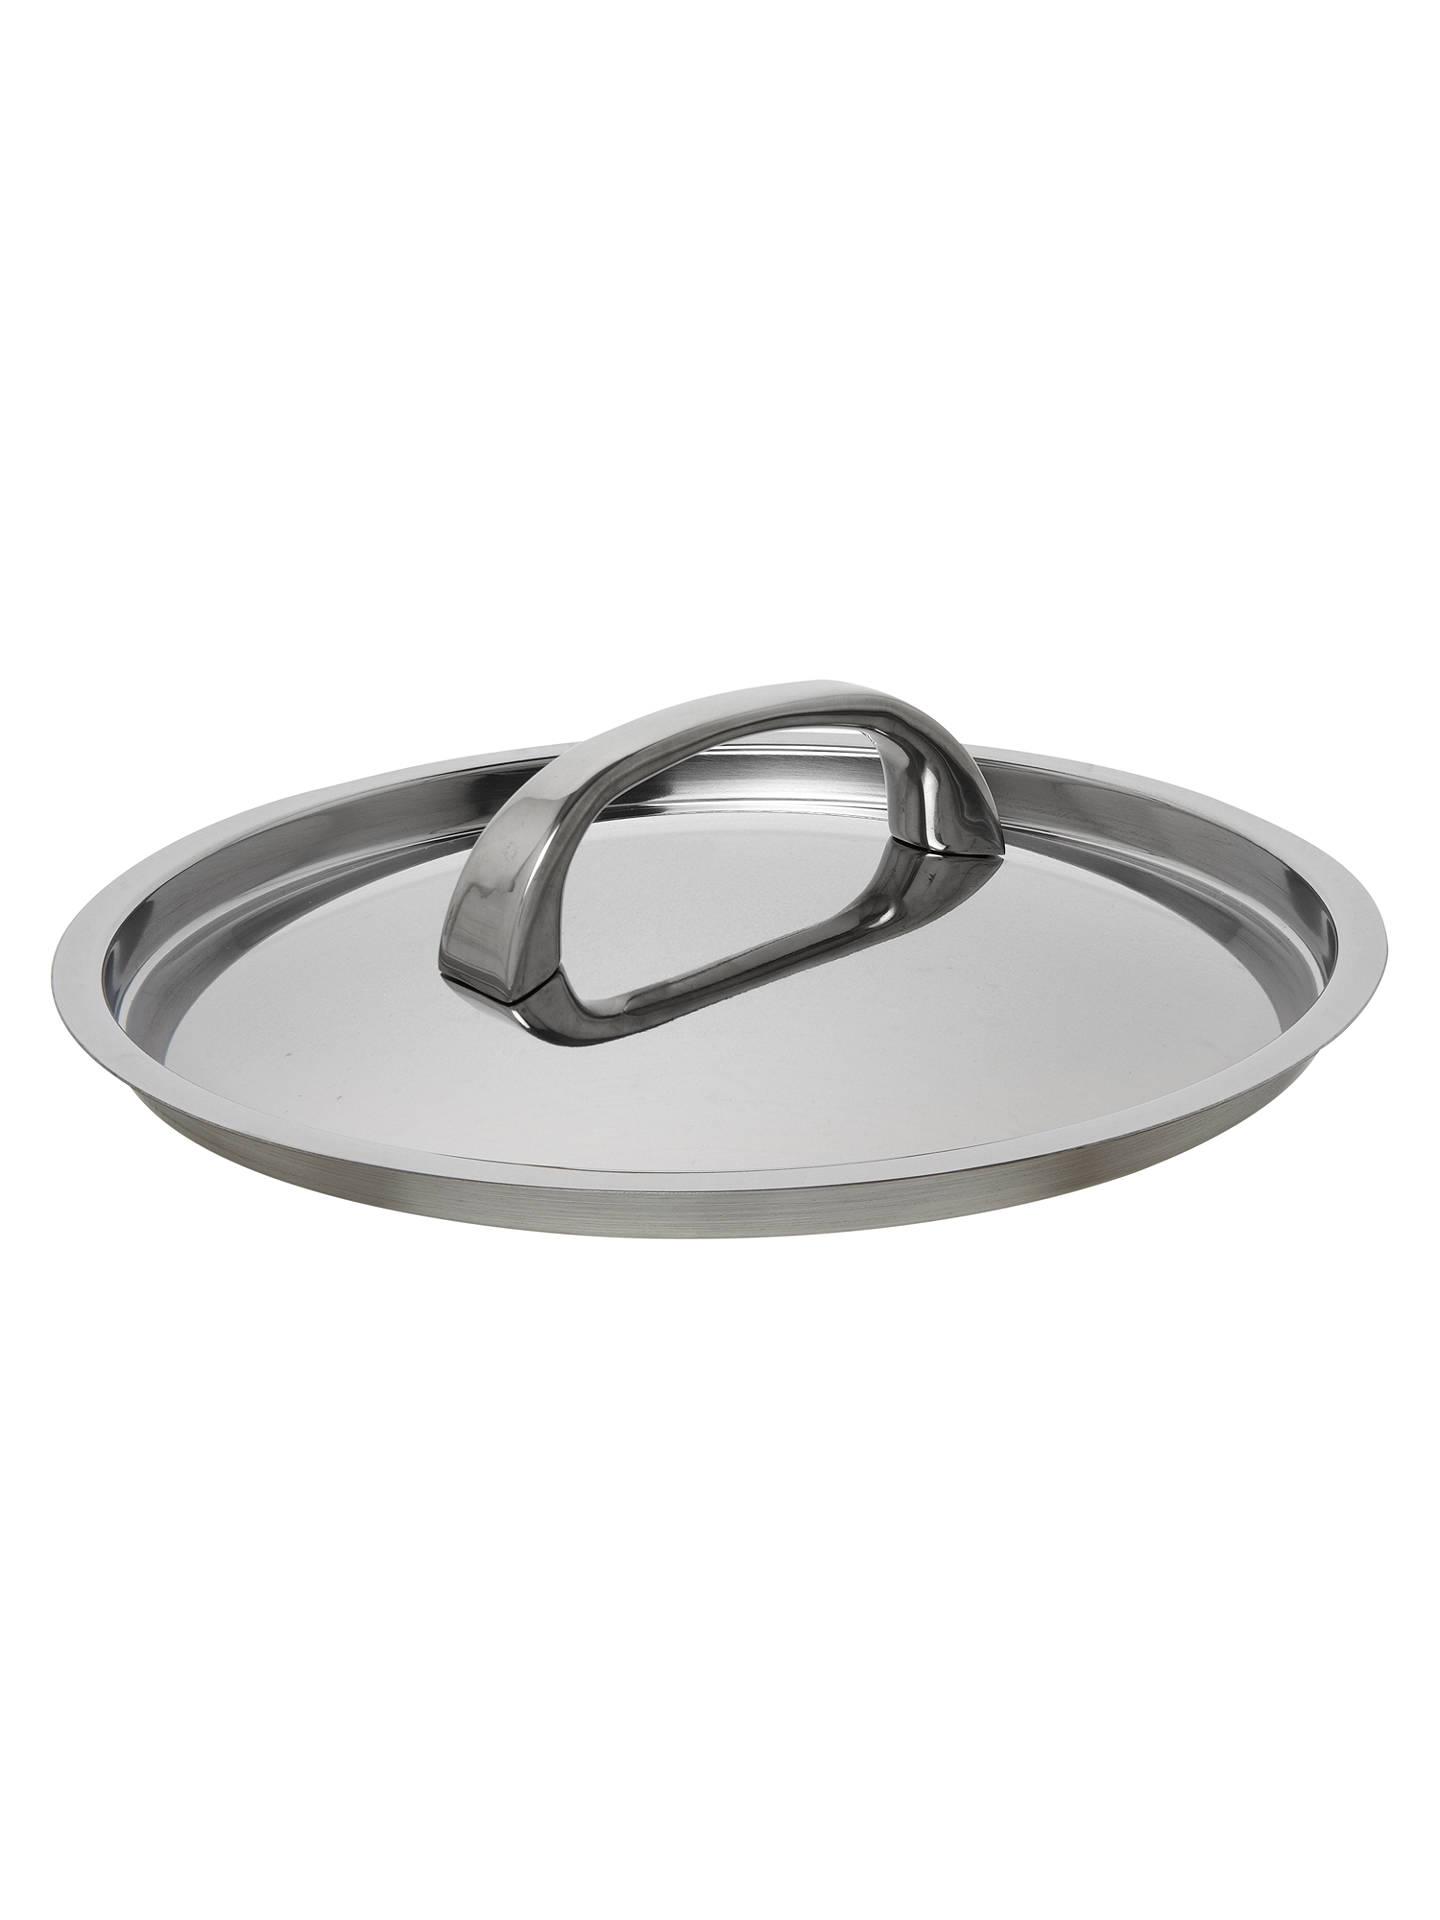 Meyer Infinite Circulon Covered Saute Pan 24cm At John